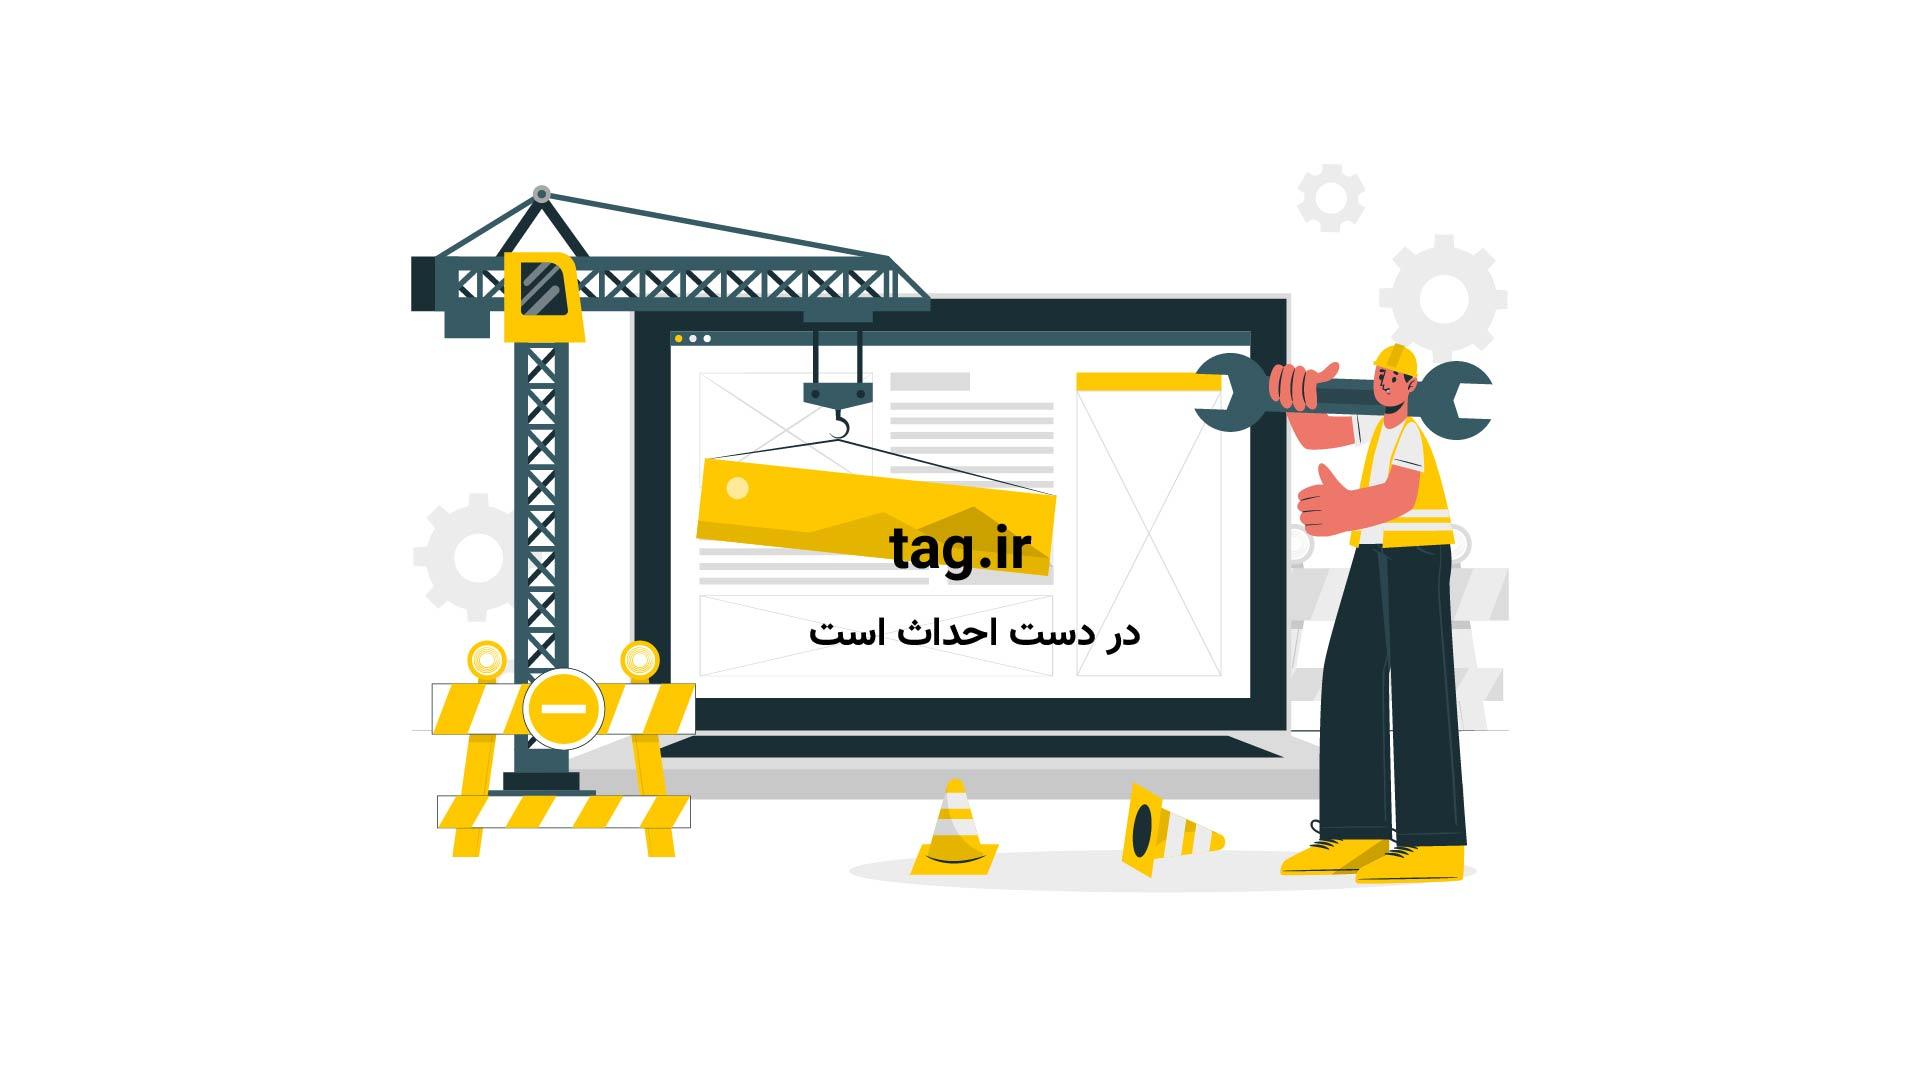 خلاصه بازی بسکتبال اکلاهما سیتی تاندر 101 - 92 نیو اورلینز پلیکانز | فیلم